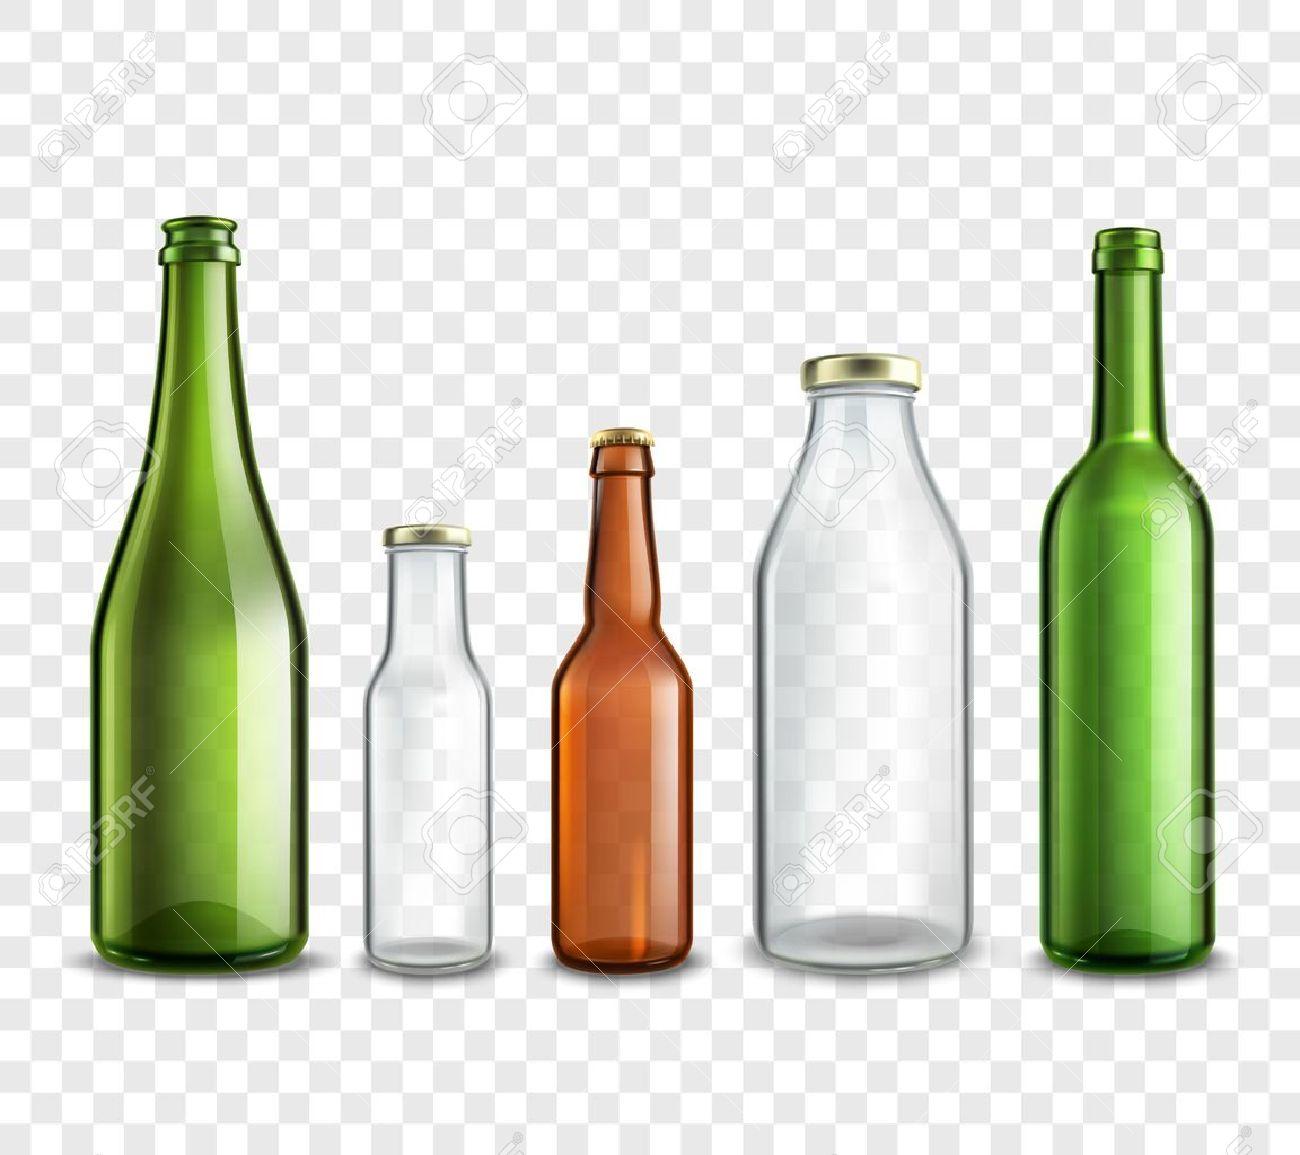 Las Botellas De Vidrio Realista 3d Conjunto Aislado En La